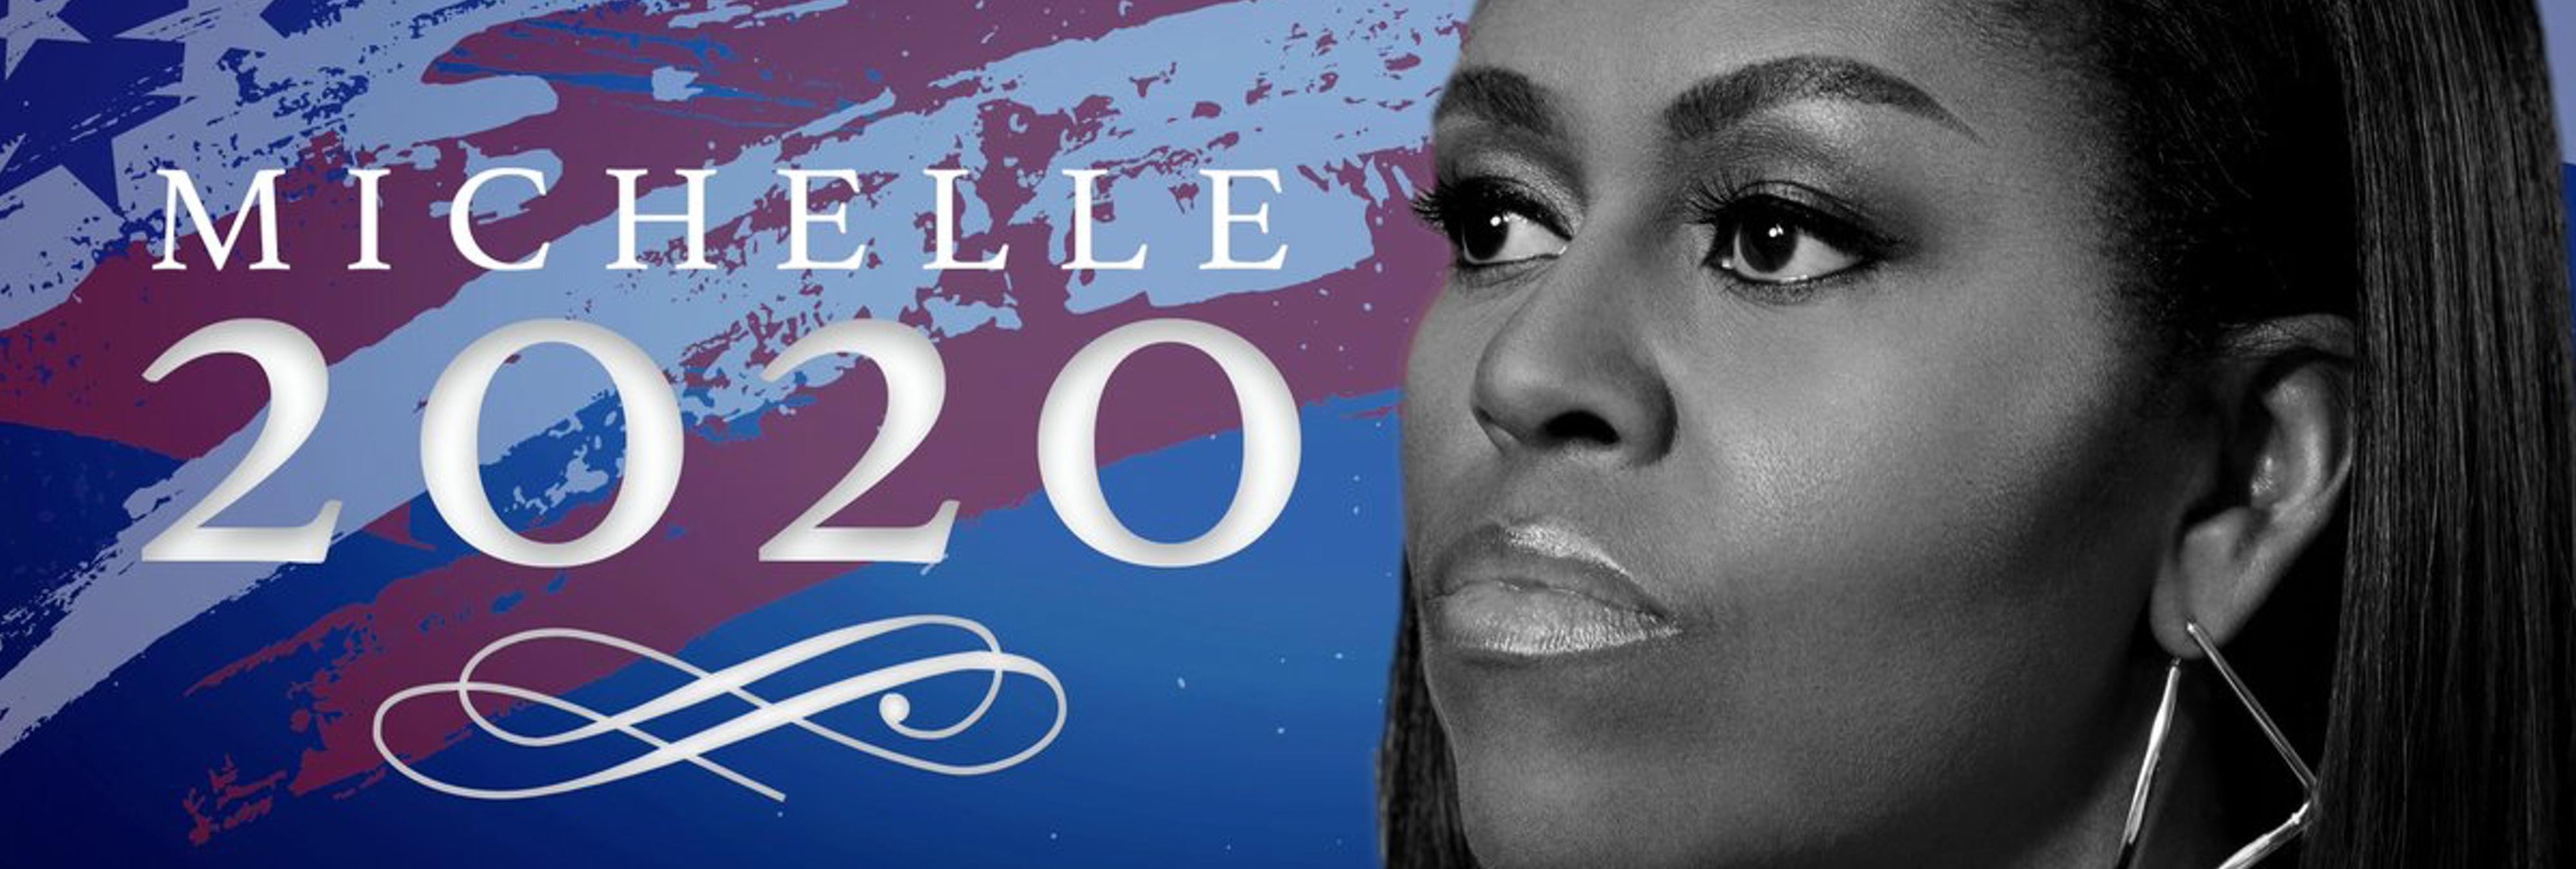 Internet se moviliza pidiendo que Michelle Obama sea la candidata demócrata para 2020